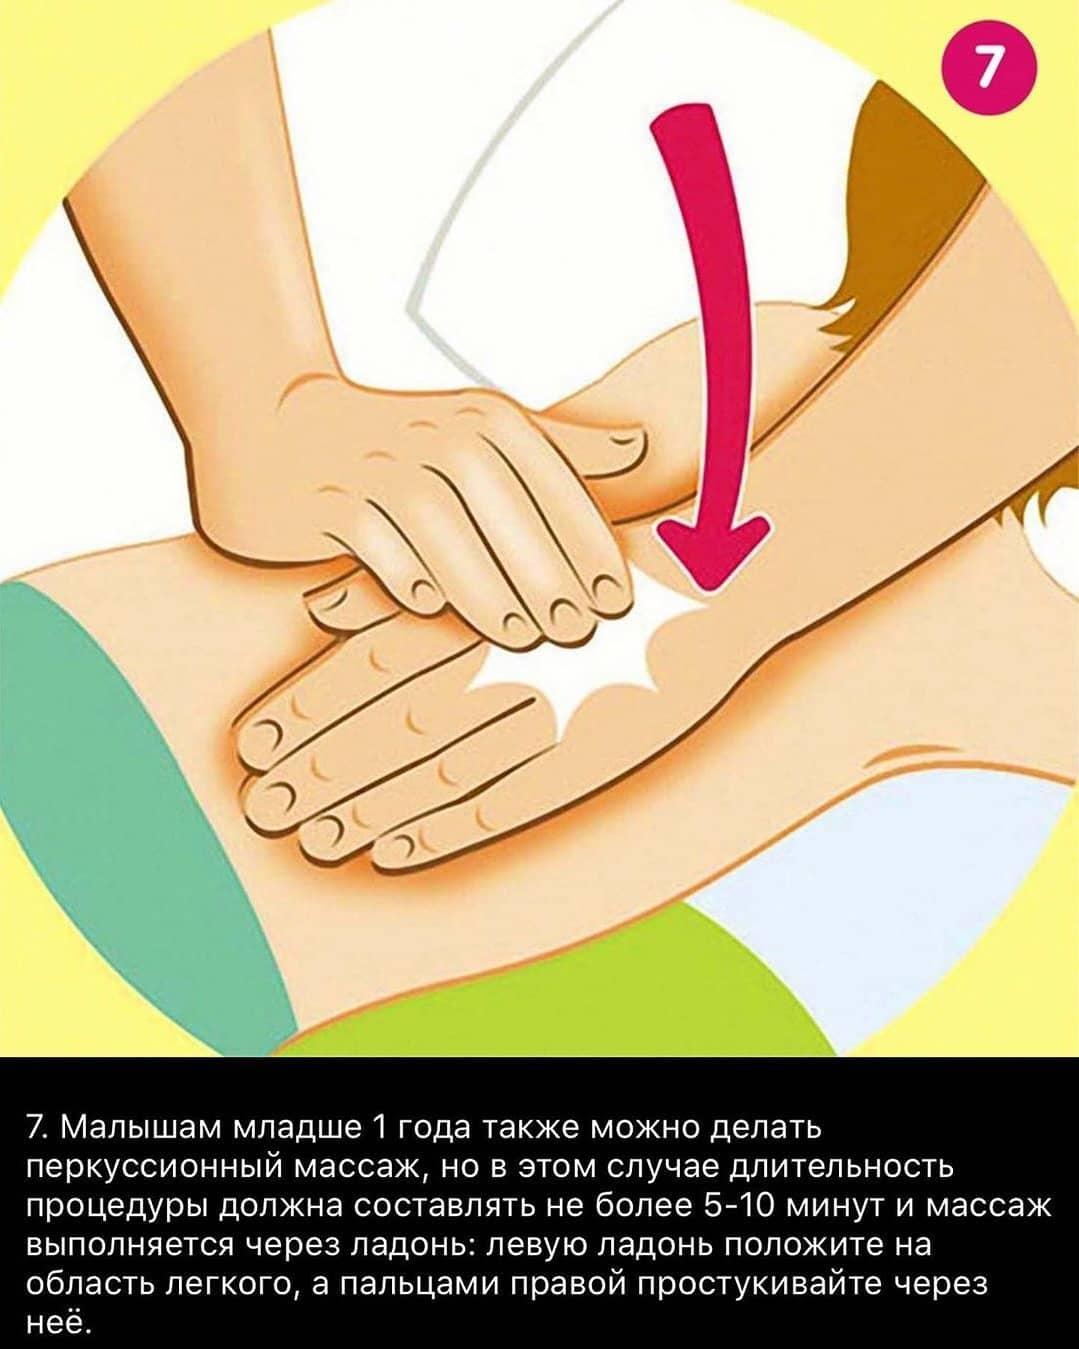 Как делать массаж при кашле и насморке грудничку